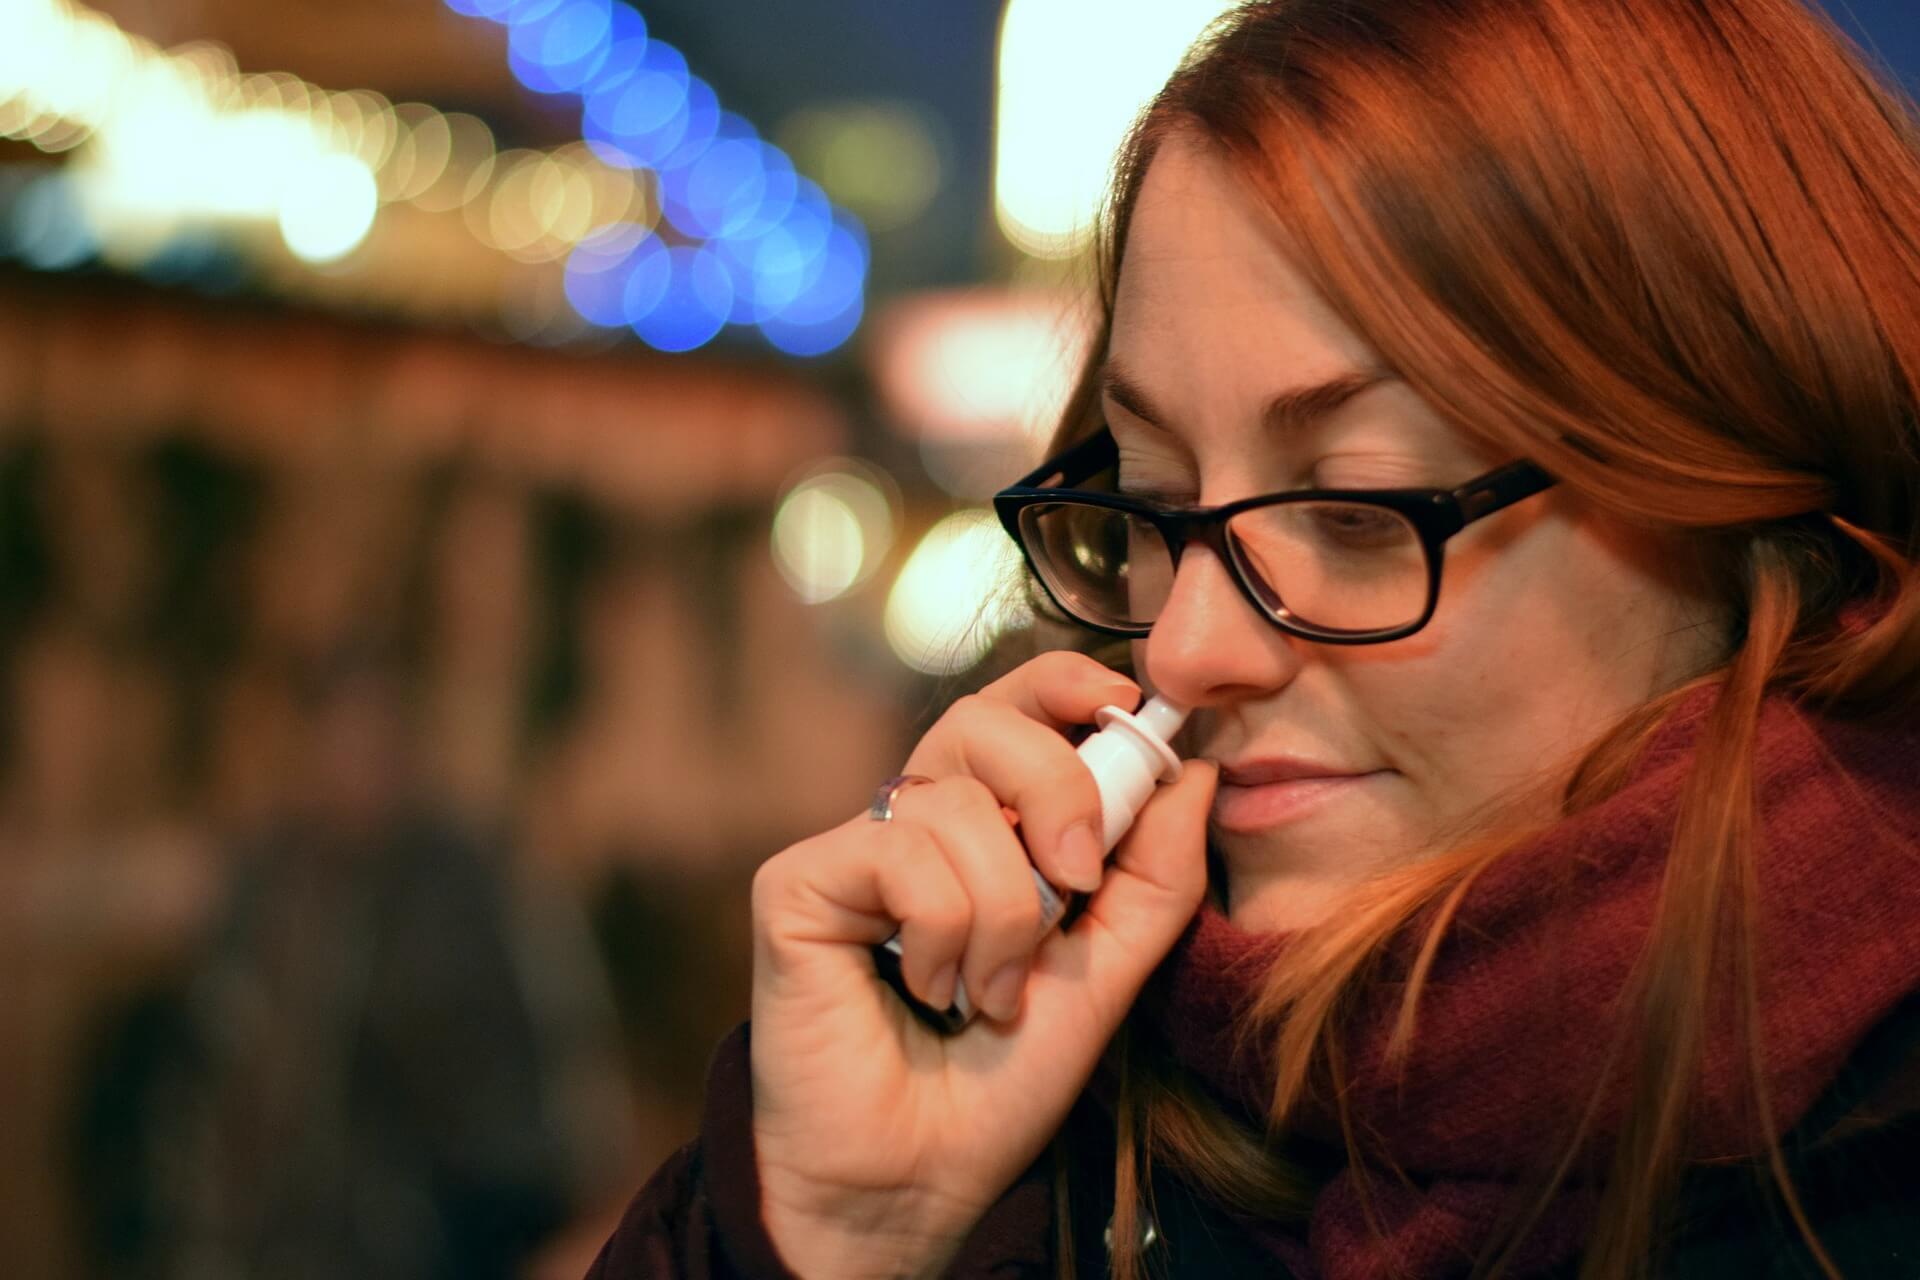 Nasenspray für Diabetiker zugelassen - Kurzmeldung: Nasenspray für Diabetiker zugelassen!